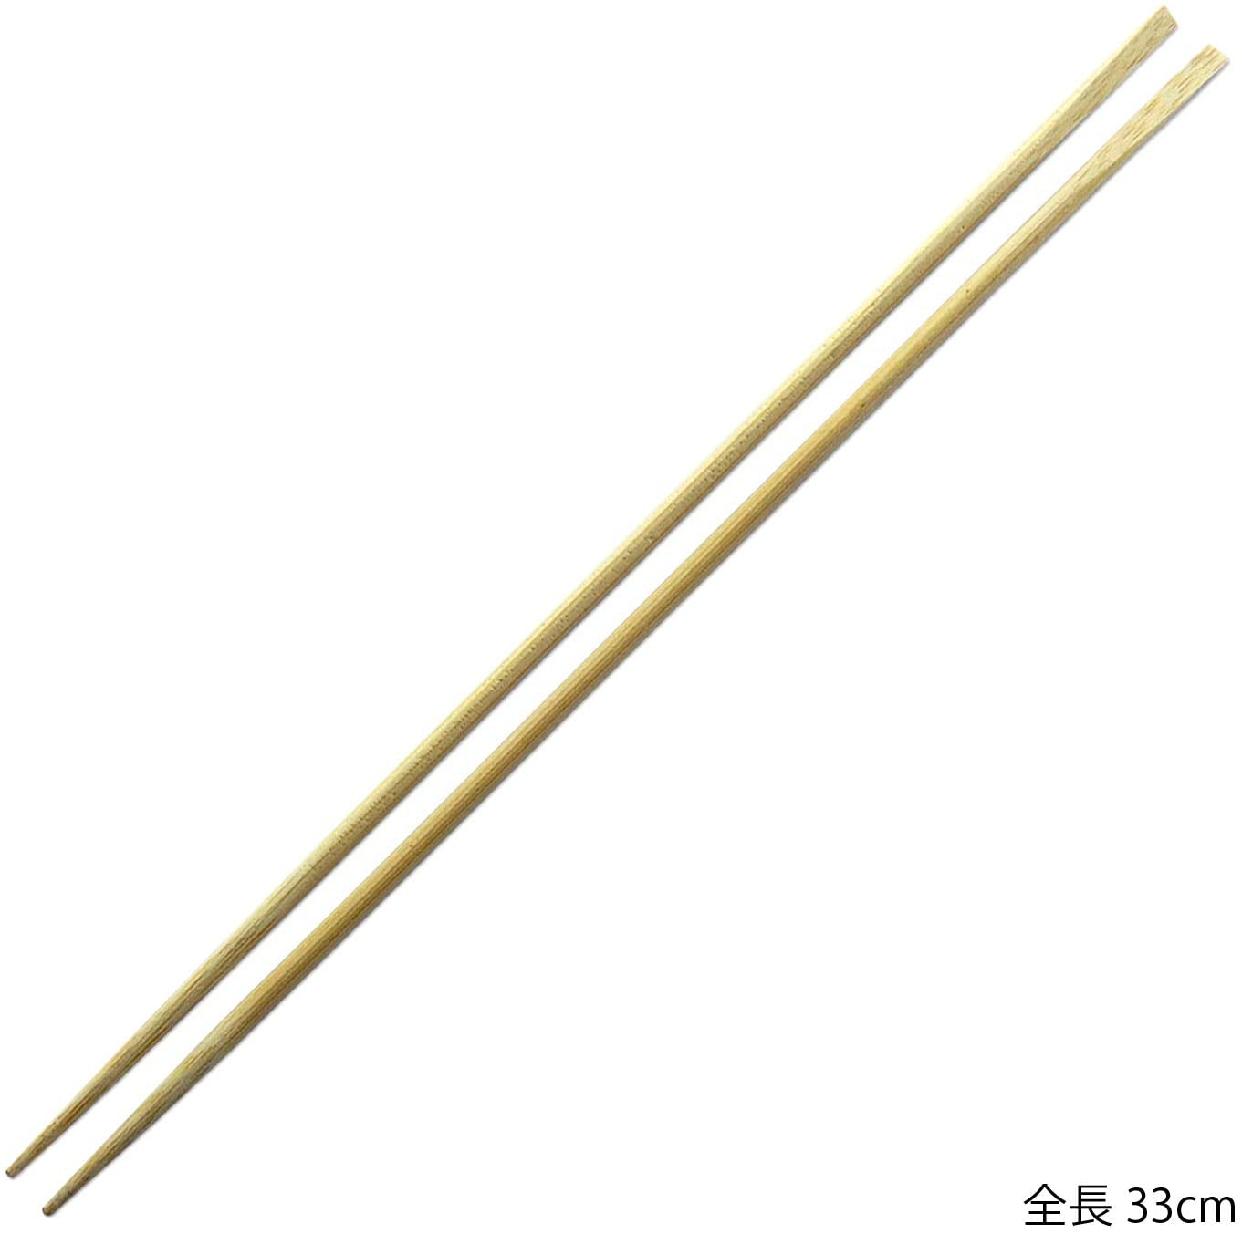 山下工芸 天削菜箸 33cm 27338000の商品画像2